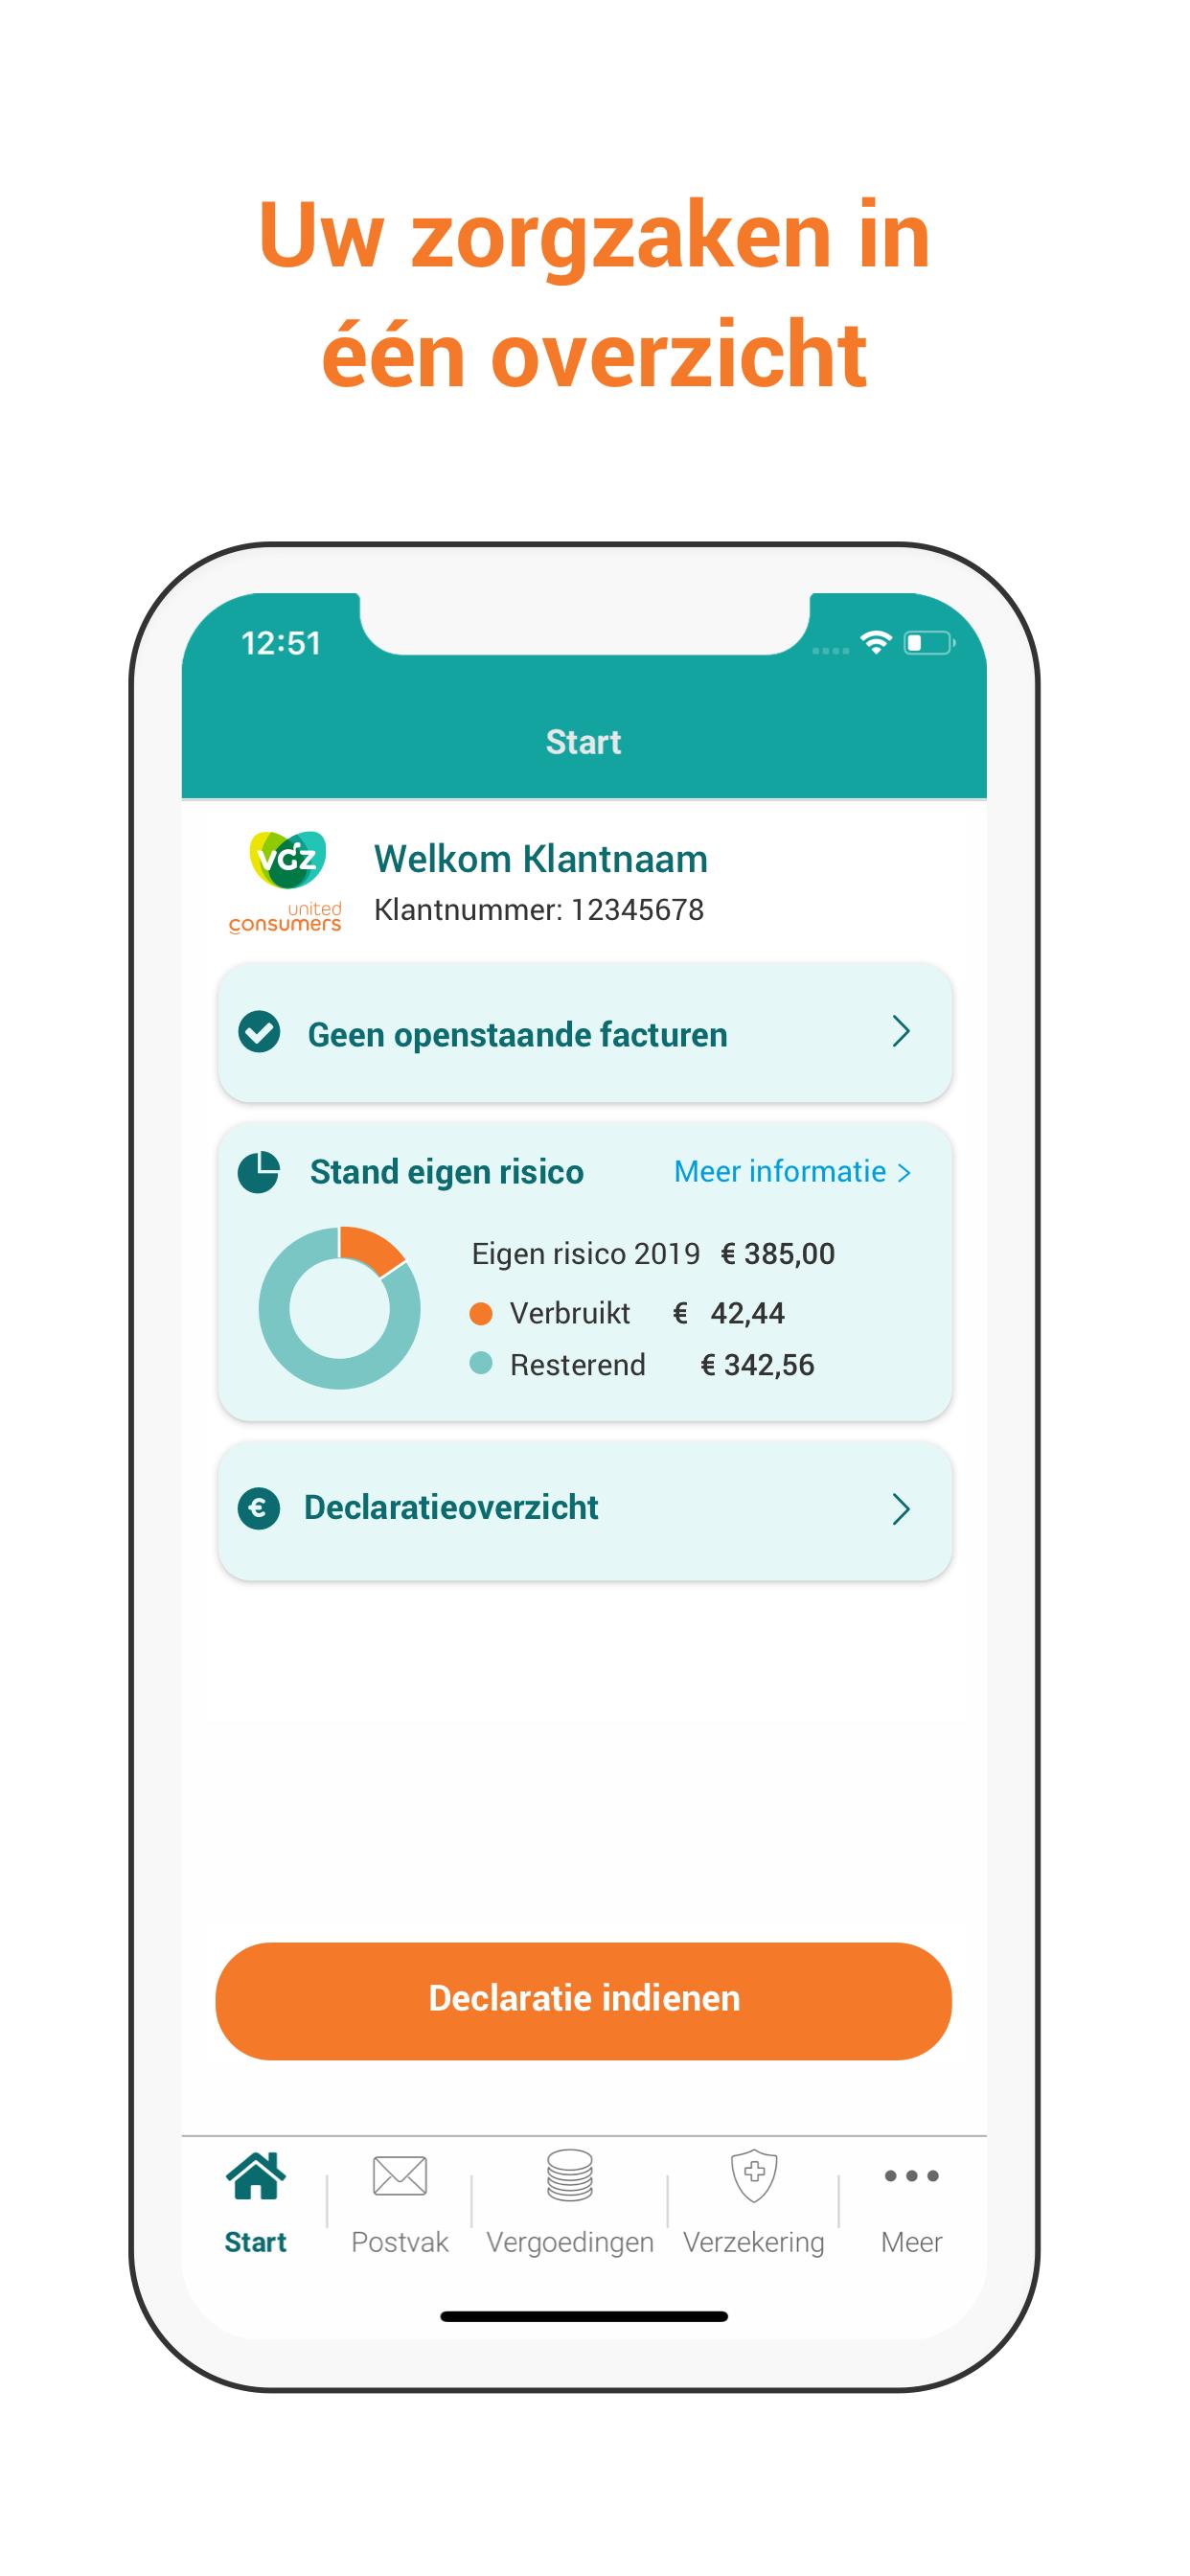 Overzicht UC Zorg App